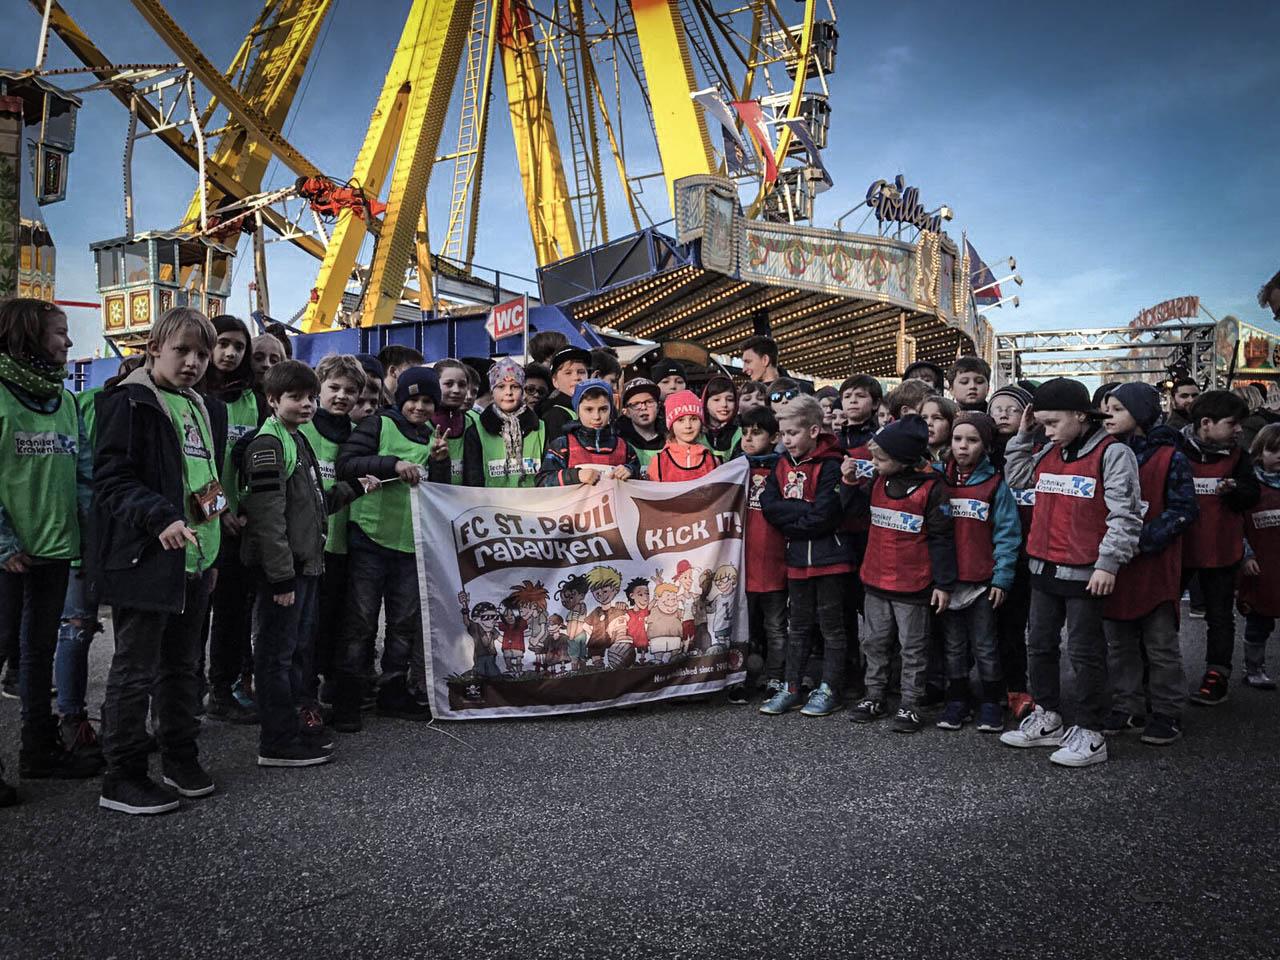 Wilde Rabauken machen Hamburger Dom unsicher